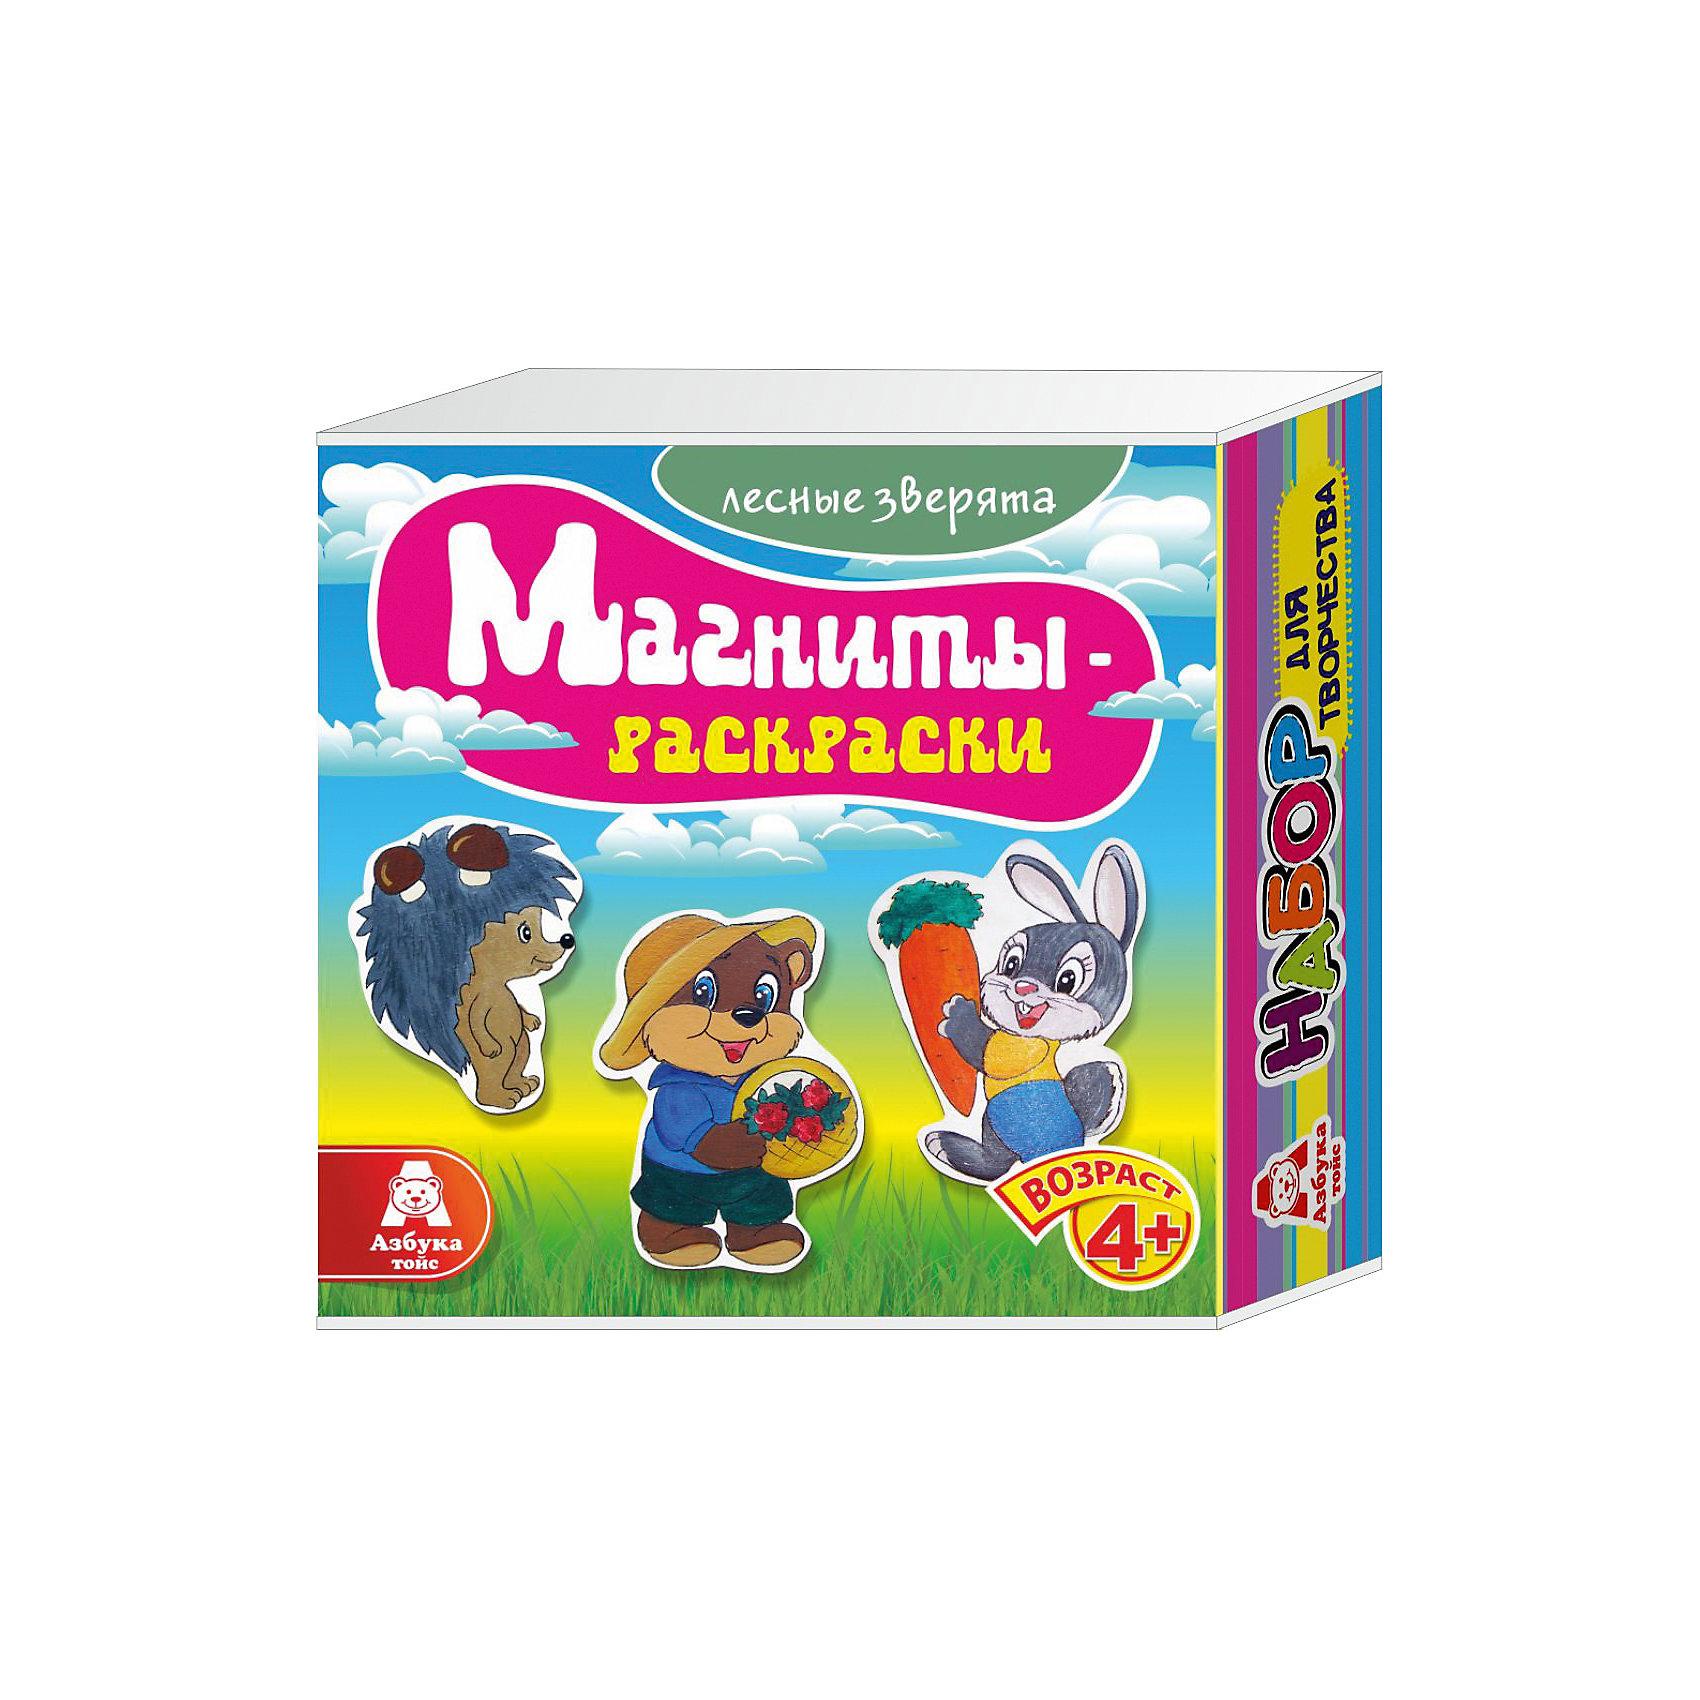 Магниты-раскраски Лесные зверятаРисование<br>Магниты-раскраски Лесные зверята.<br><br>Характеристики:<br><br>- Для детей от 4 лет<br>- В наборе: 3 деревянных элемента с изображением, набор акриловых красок из 6 цветов, кисточка, магниты, палитра, инструкция<br>- Изготовитель: ООО Азбука Тойз<br>- Сделано в России<br>- Упаковка: картонная коробка<br>- Размер упаковки: 14х5х14 см.<br>- Вес: 174 гр.<br><br>Набор магниты-раскраски Лесные зверята поможет ребенку проявить свои творческие способности и познакомиться с цветами, красками и оттенками. В наборе имеются 3 фигурки из натурального дерева в виде зайчика, ежика и медвежонка, которые нужно раскрасить красками. Фигурки можно раскрасить акриловыми красками, входящими в набор, а так же пальчиковыми красками, карандашами, пластилином или восковыми мелками. Фигурки будут хорошо держаться на холодильнике или любой другой металлической поверхности благодаря надежным магнитам. С набором для творчества магниты-раскраски Лесные зверята ваш ребенок разовьет воображение, художественные навыки и цветовосприятие.<br><br>Магниты-раскраски Лесные зверята можно купить в нашем интернет-магазине.<br><br>Ширина мм: 140<br>Глубина мм: 50<br>Высота мм: 140<br>Вес г: 174<br>Возраст от месяцев: 48<br>Возраст до месяцев: 108<br>Пол: Унисекс<br>Возраст: Детский<br>SKU: 5062918